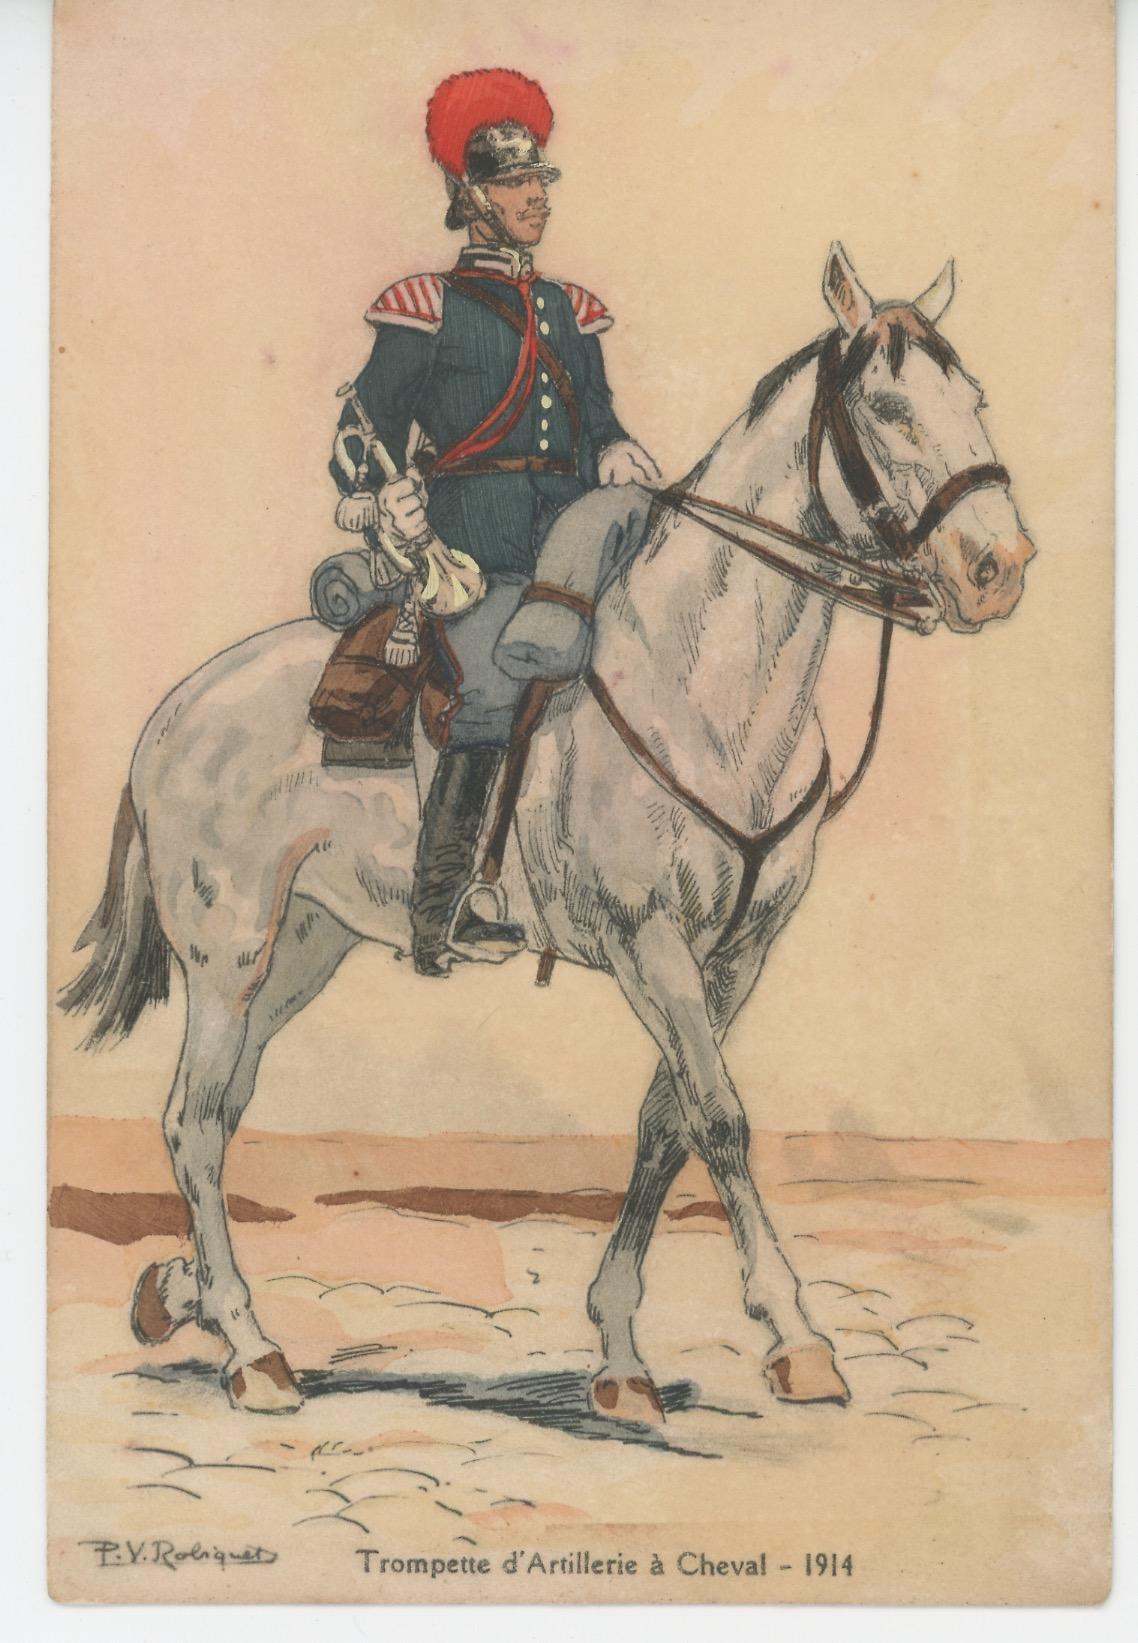 Carte Postale Illustrée - P.V. Robiquet - Edition Militaire Illustrées - Russie - Trompette artillerie à Cheval 1914